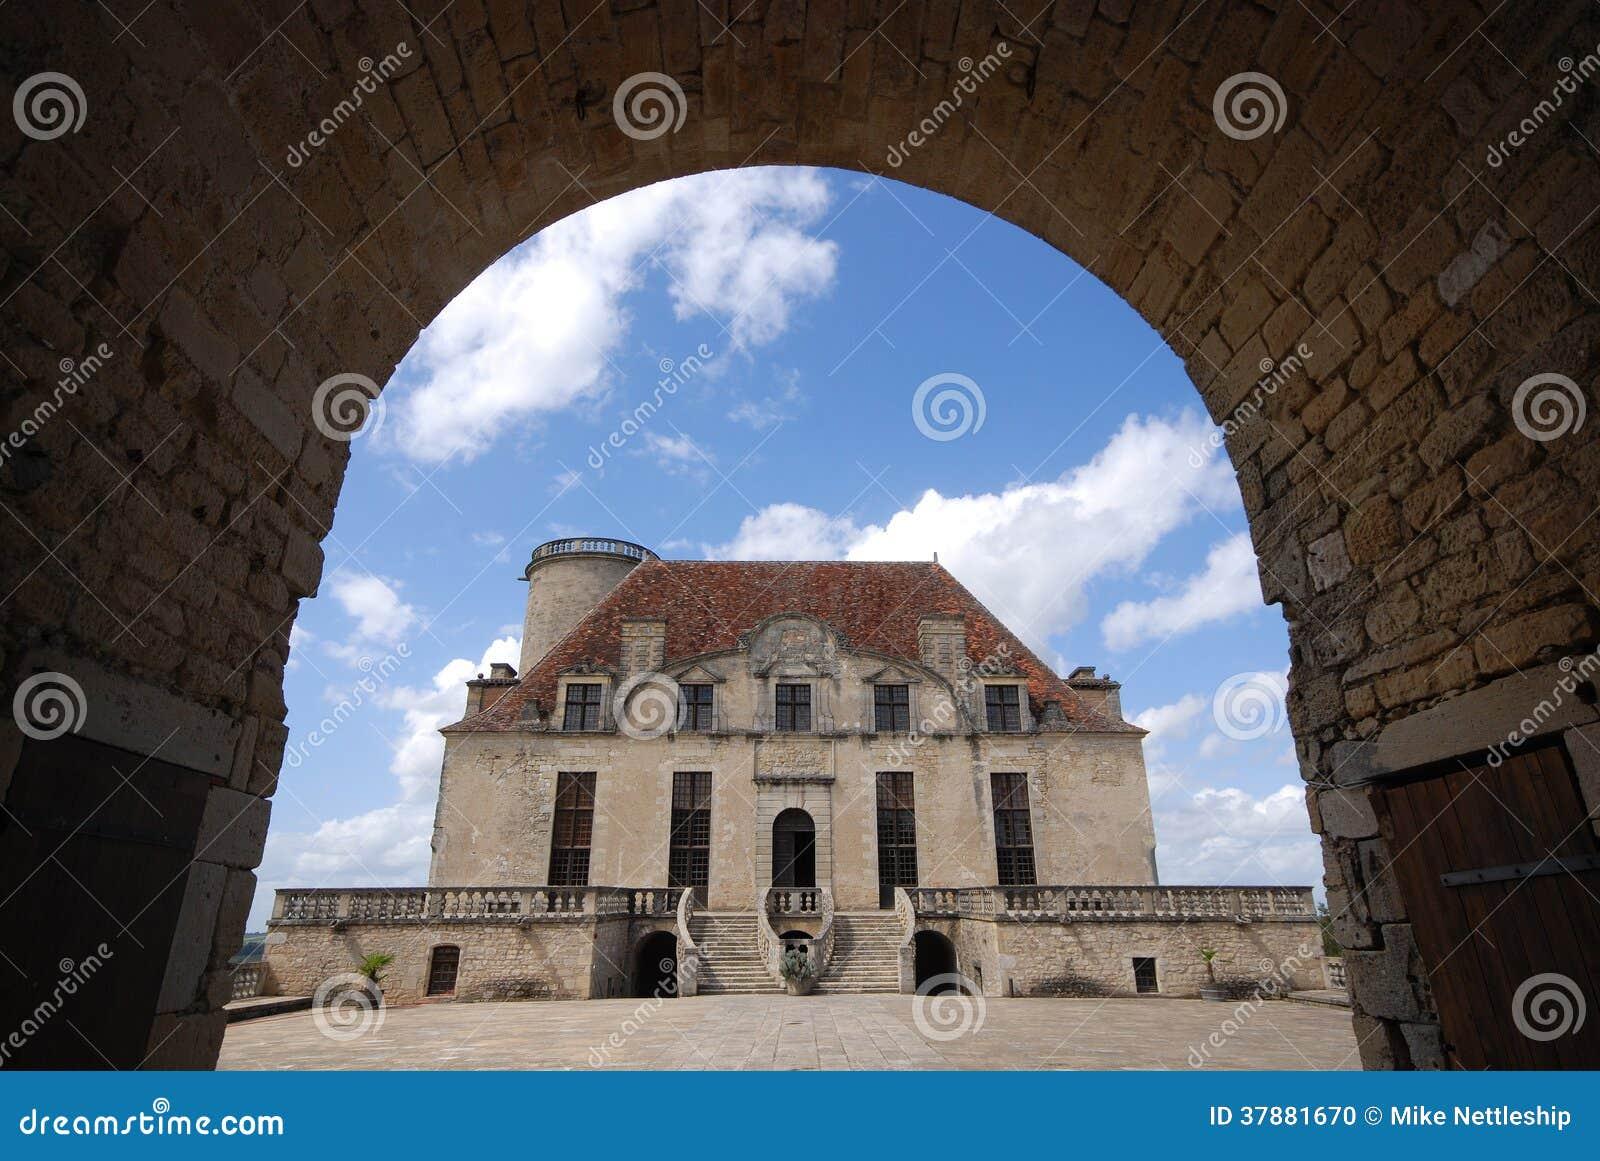 法国大别墅